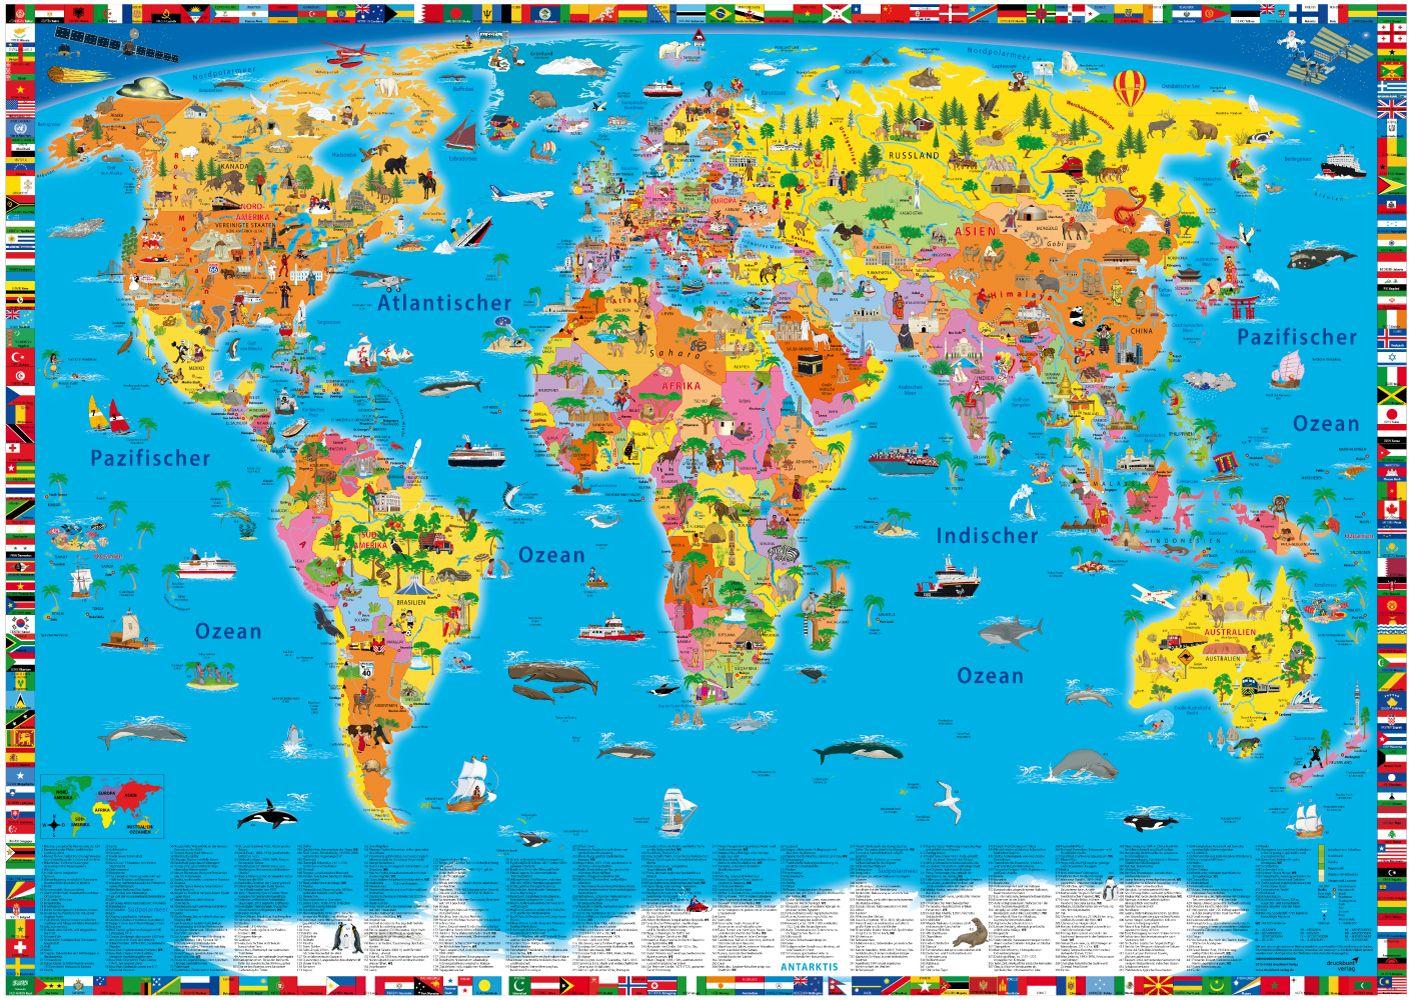 Illustrierte politische Weltkarte von K&S druckbunt Verlag